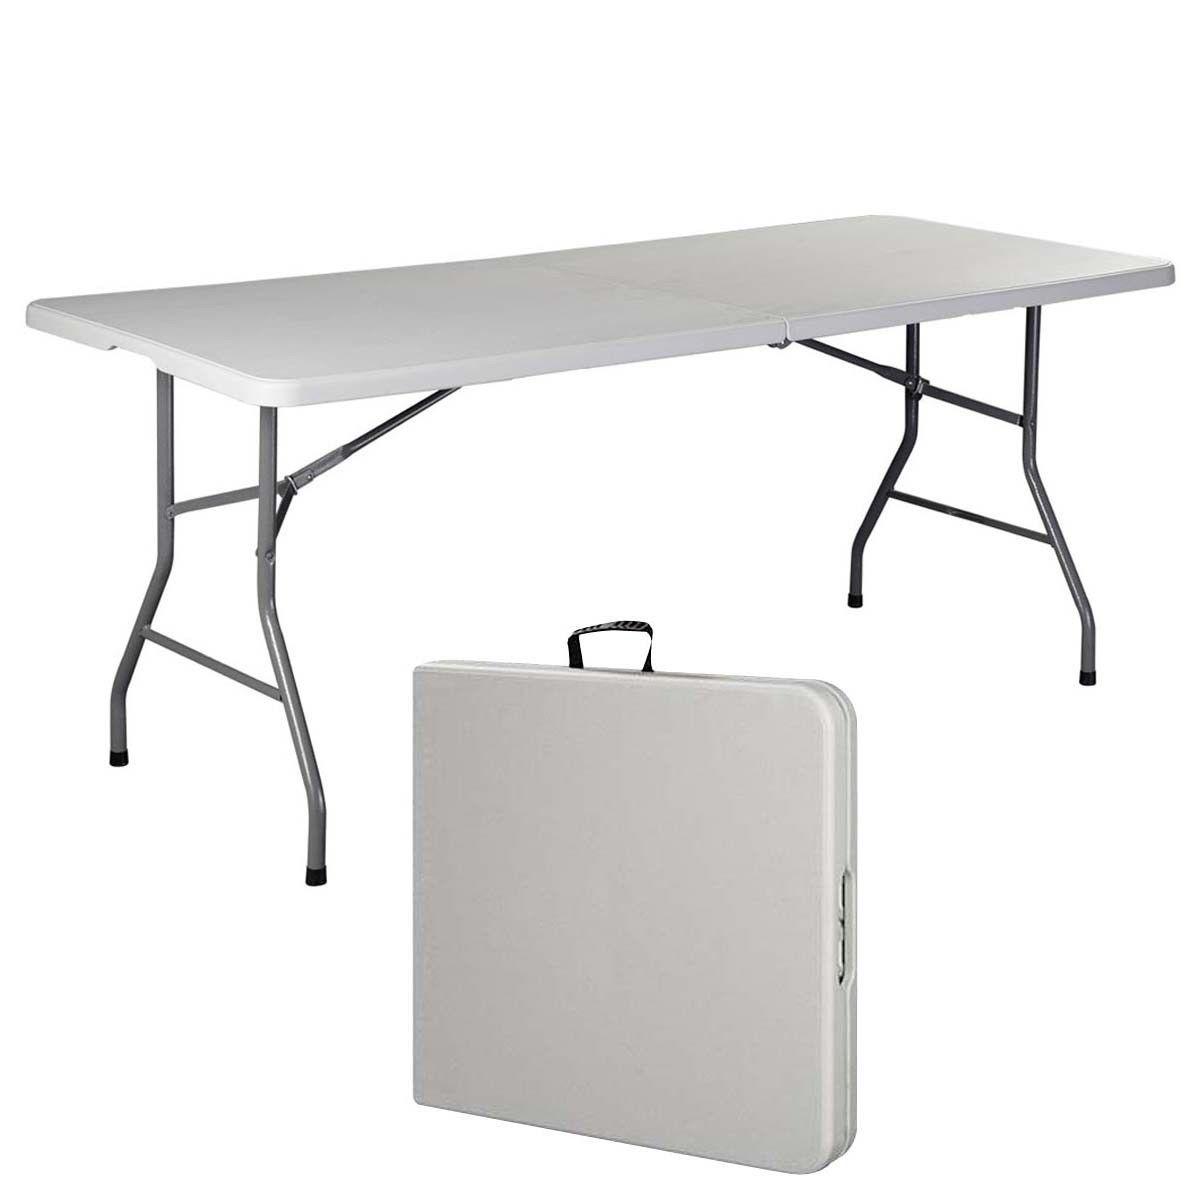 portable folding table 6u0027 folding table portable plastic indoor outdoor picnic party dining camp UZWCXWQ